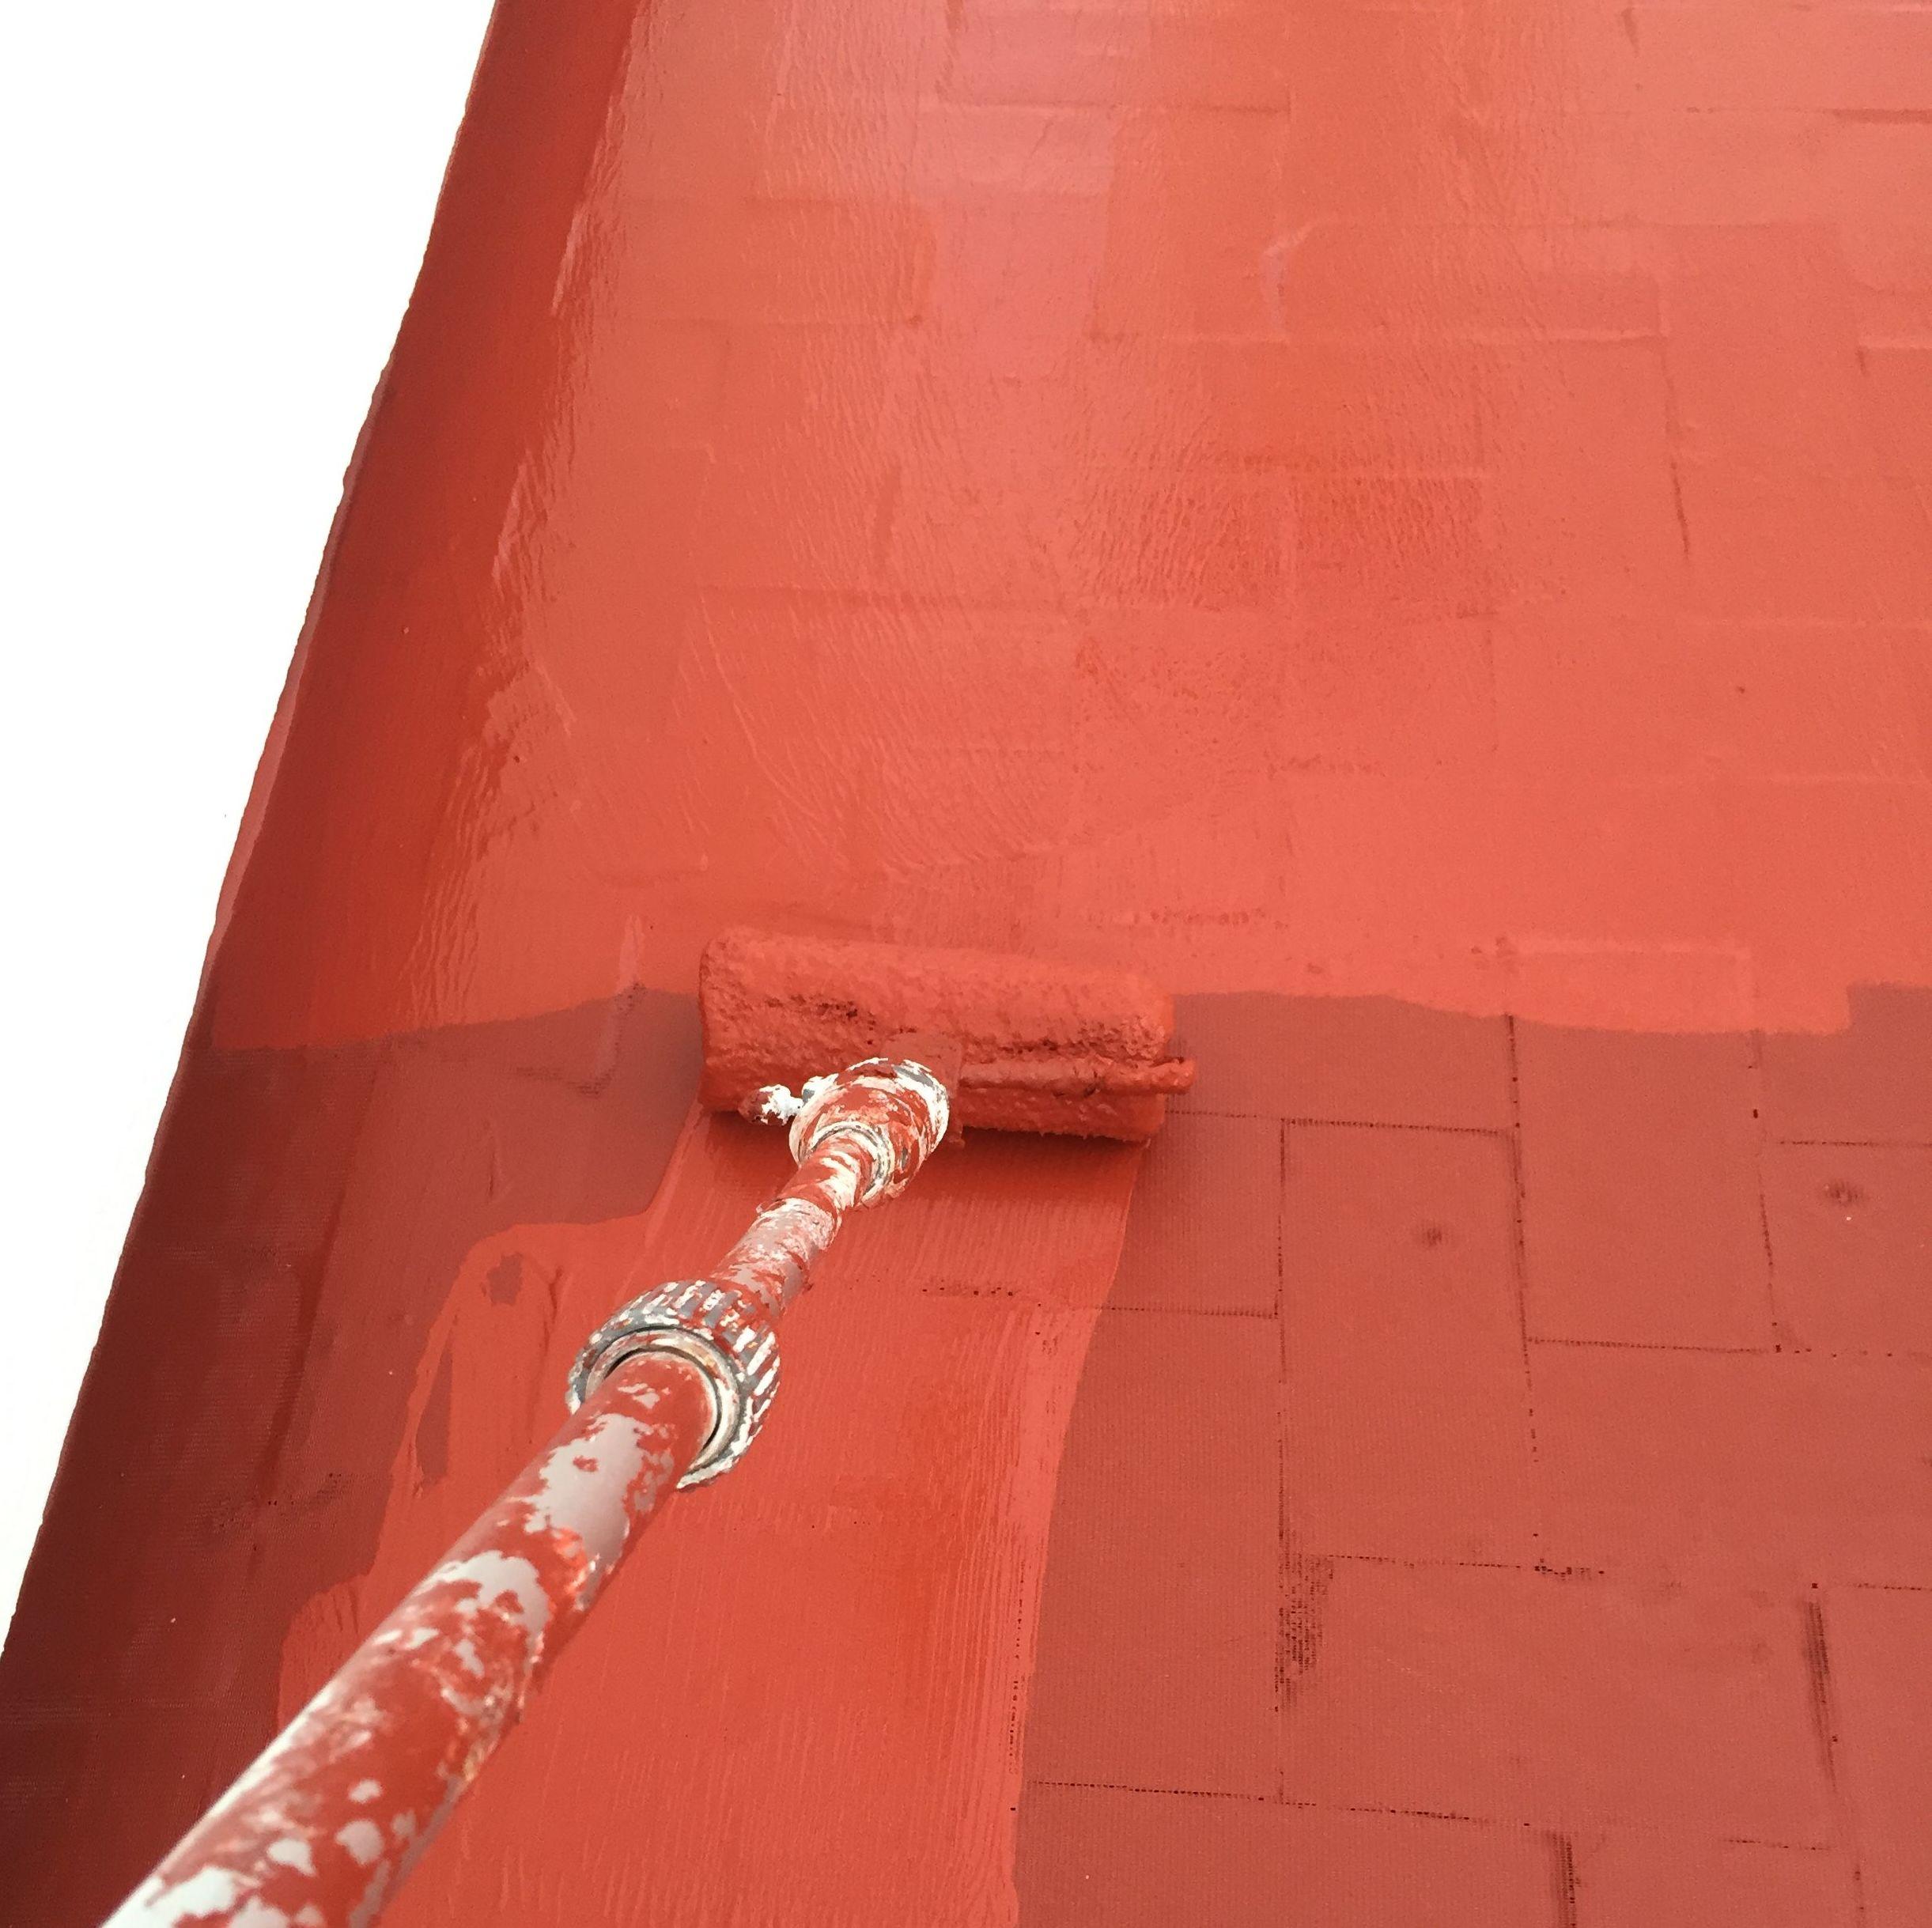 Trabajos de pintura de suelo